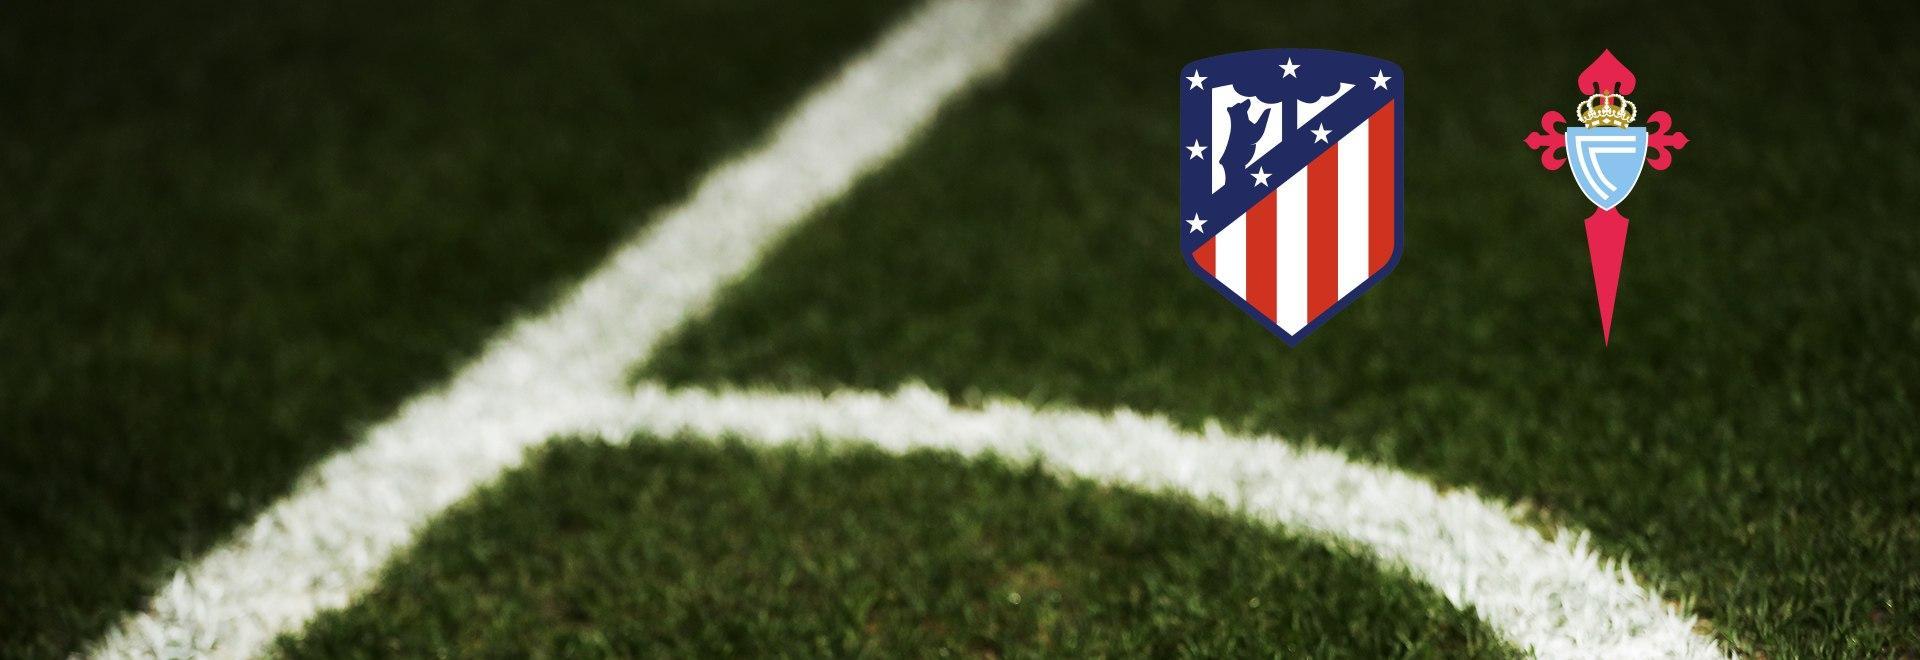 Atletico Madrid - Celta Vigo. 22a g.